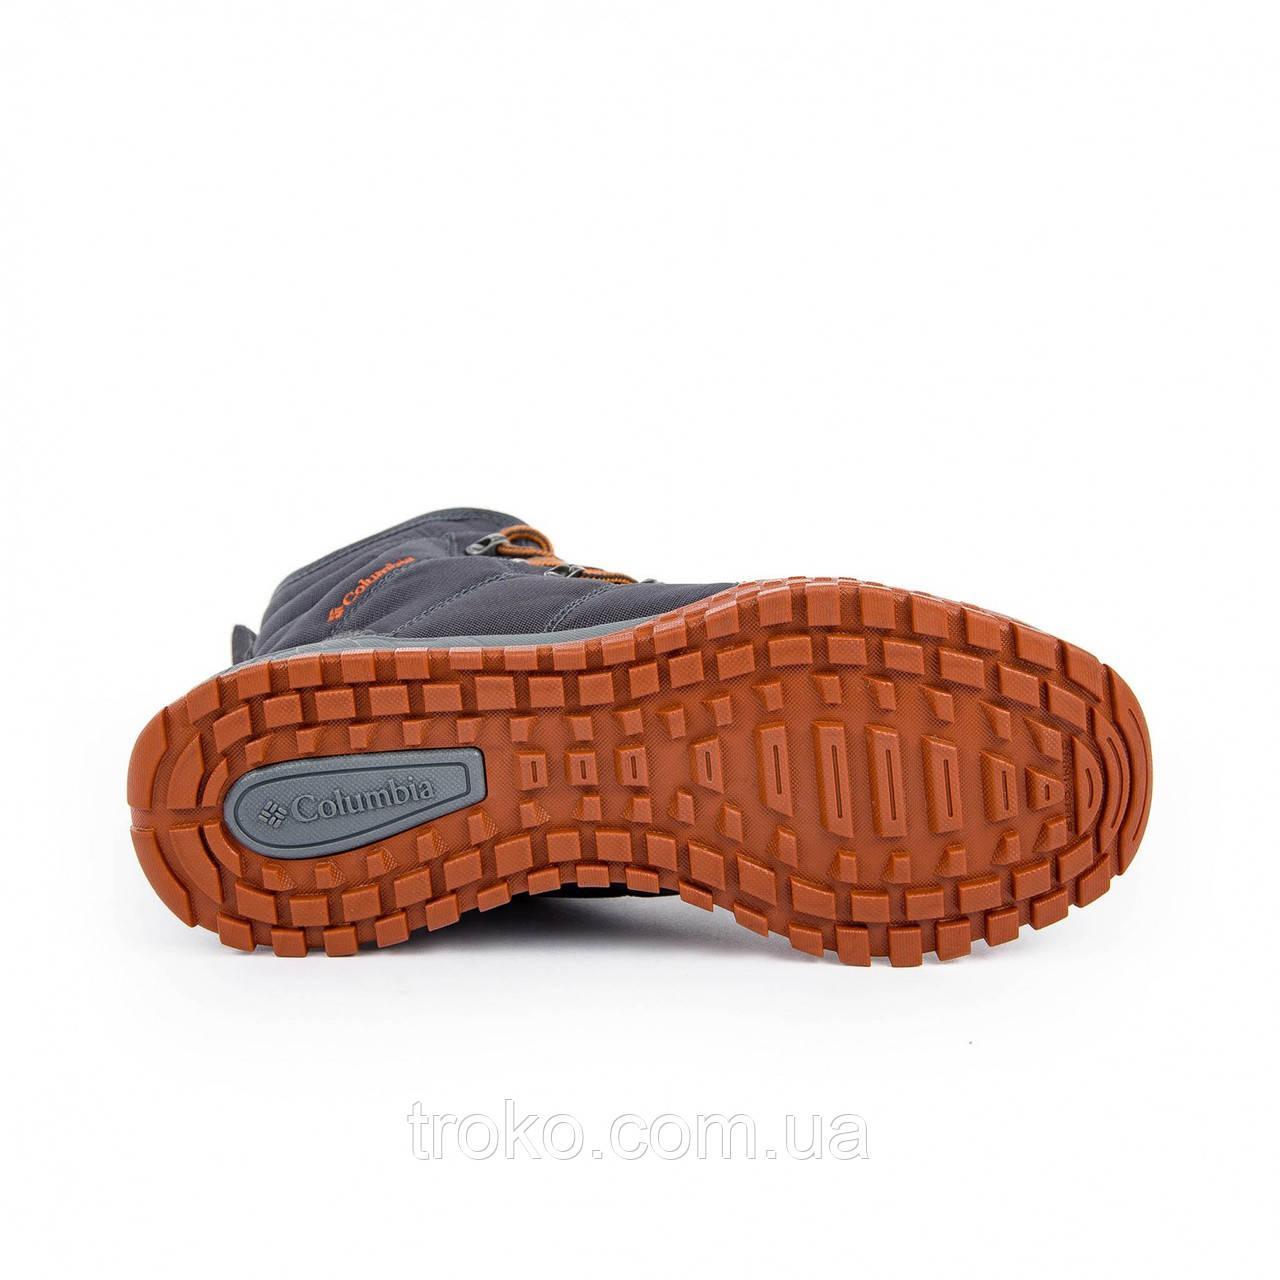 ... Мужские ботинки Columbia Fairbanks Omni-Heat BM2806-053 (Оригинал) 113727cddc6b5